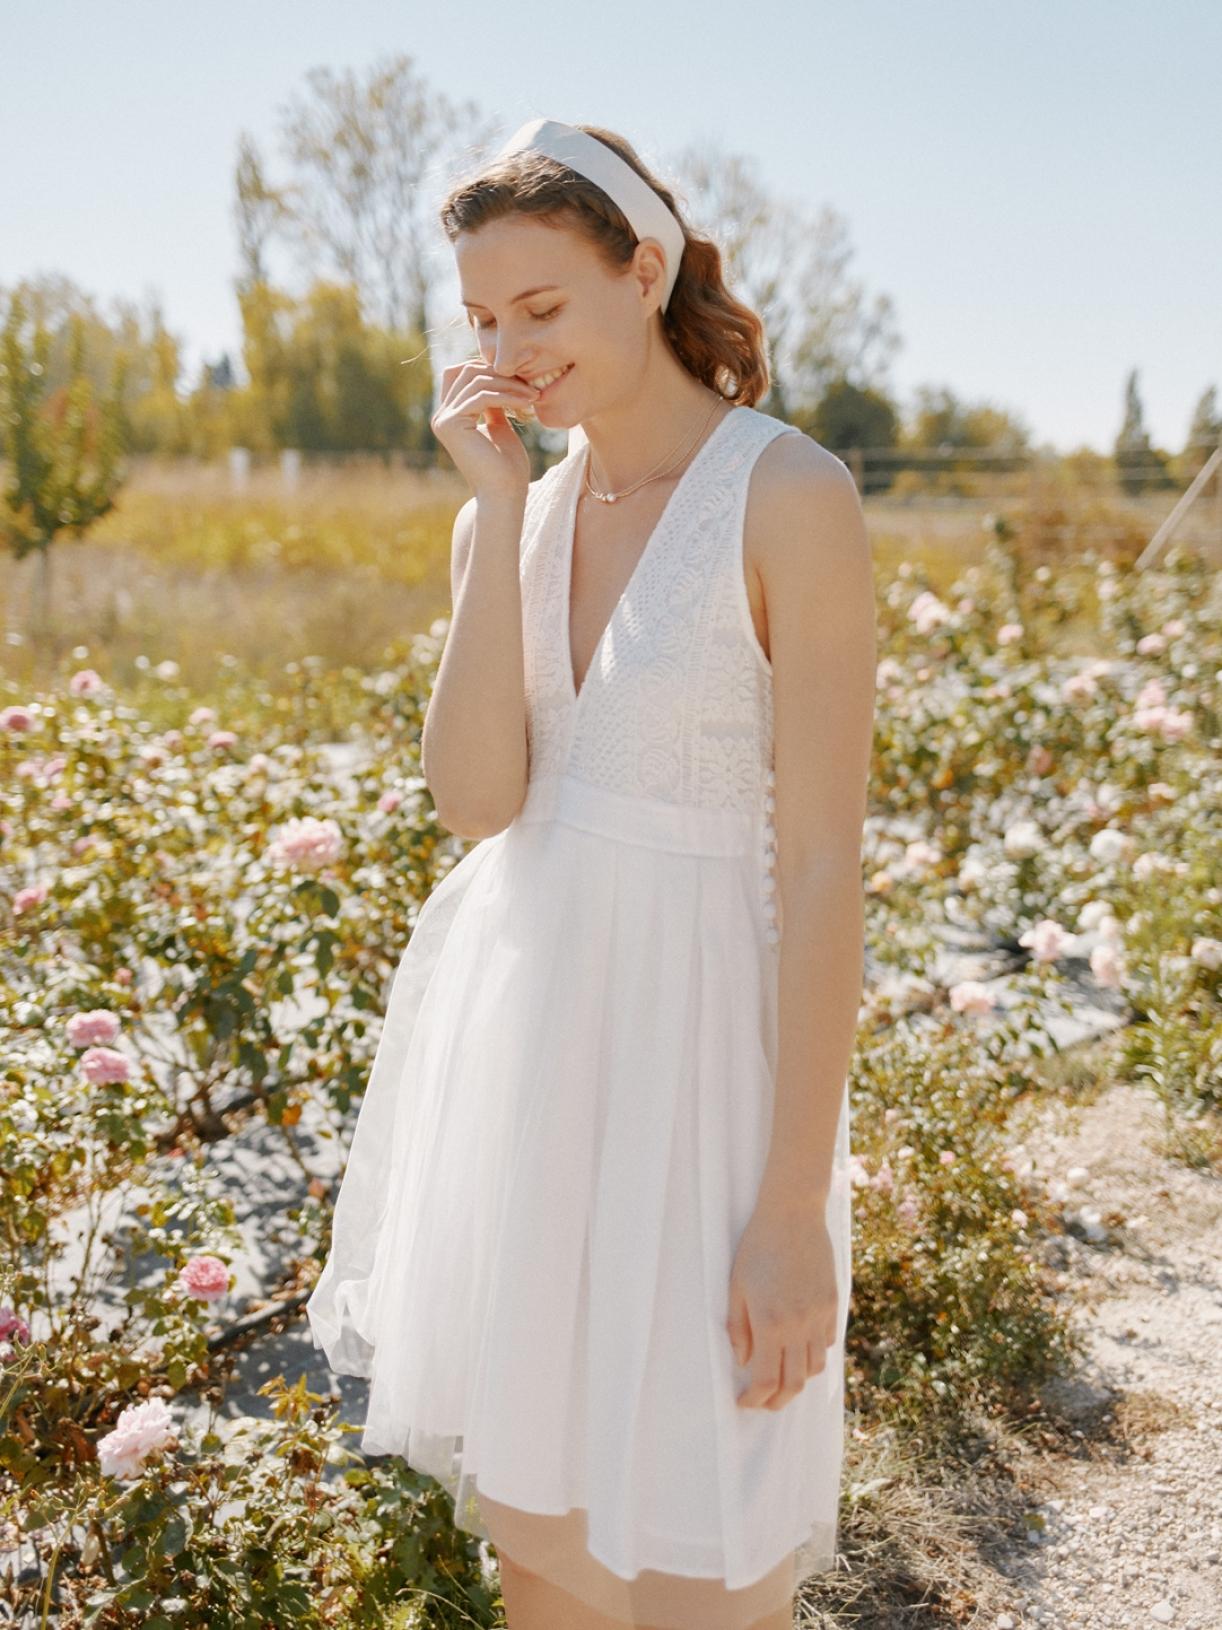 CLEA - Robe courte tutu ballerine - Robe de mariée créateur et sur-mesure pas cher a Paris - Myphilosophy